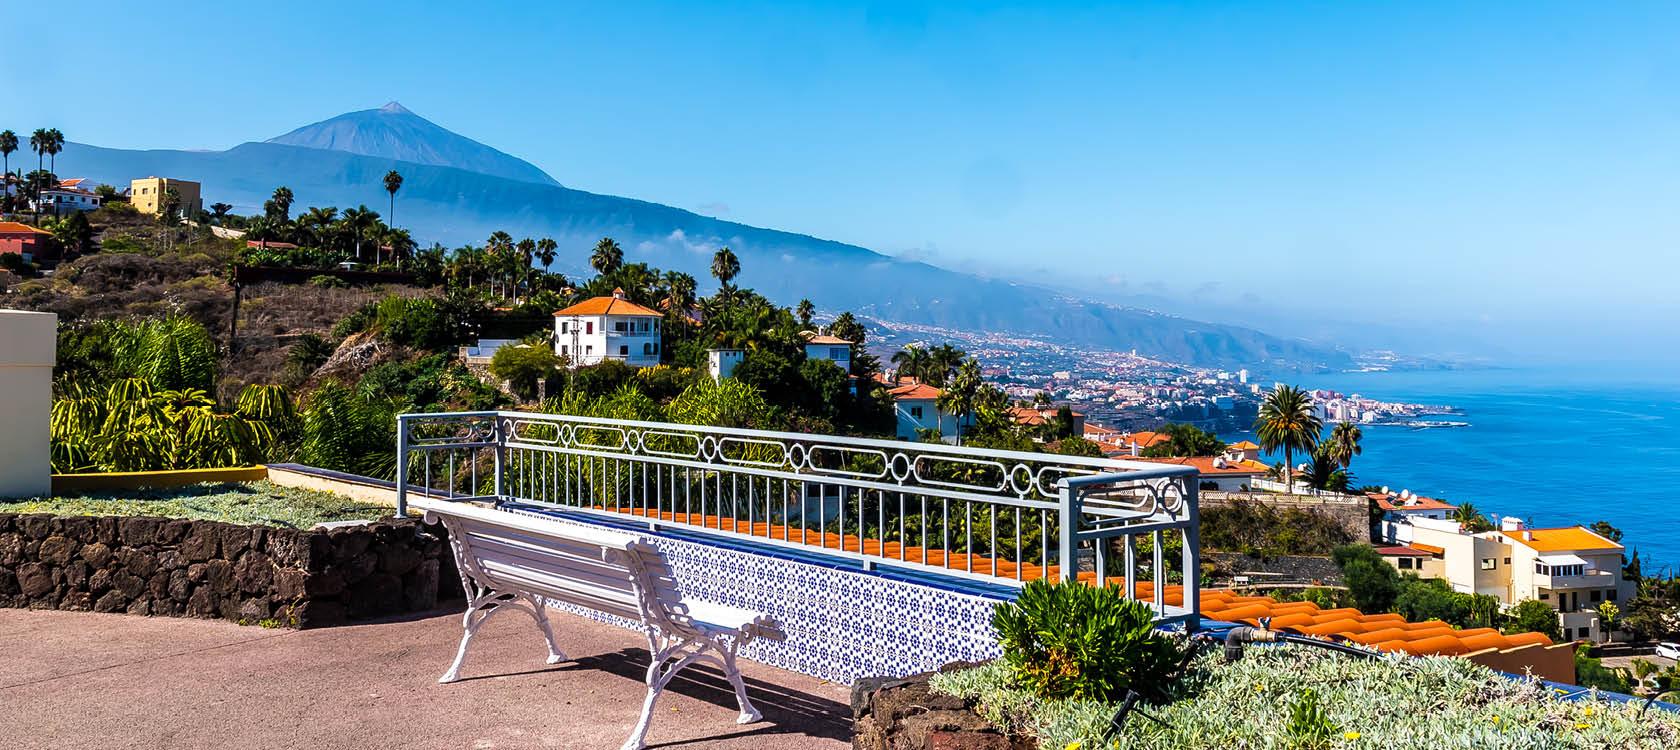 Nyd de fantastiske udsigter på Tenerife